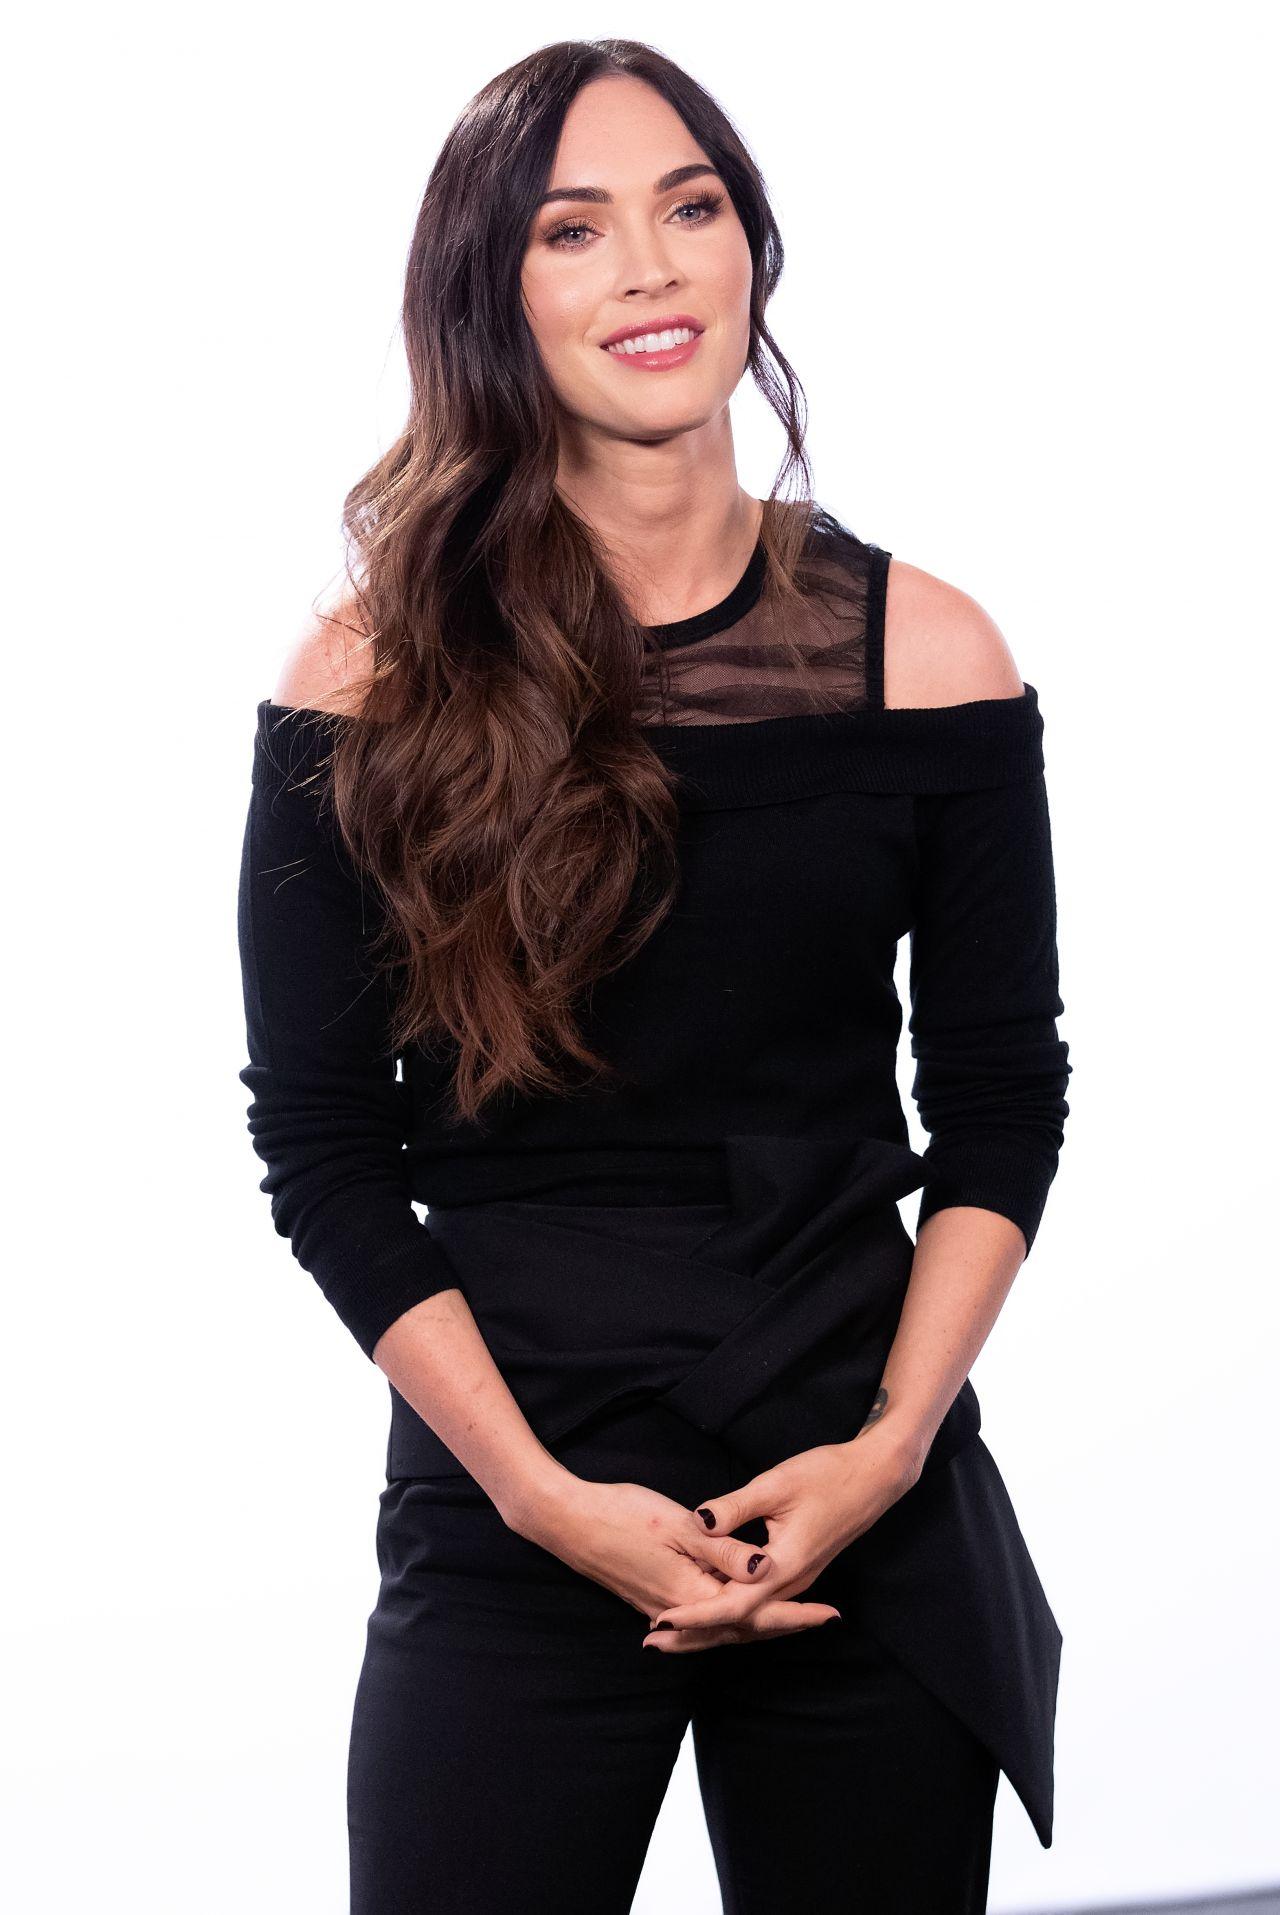 Megan Fox - The IMDb Show in Studio City, November 2018